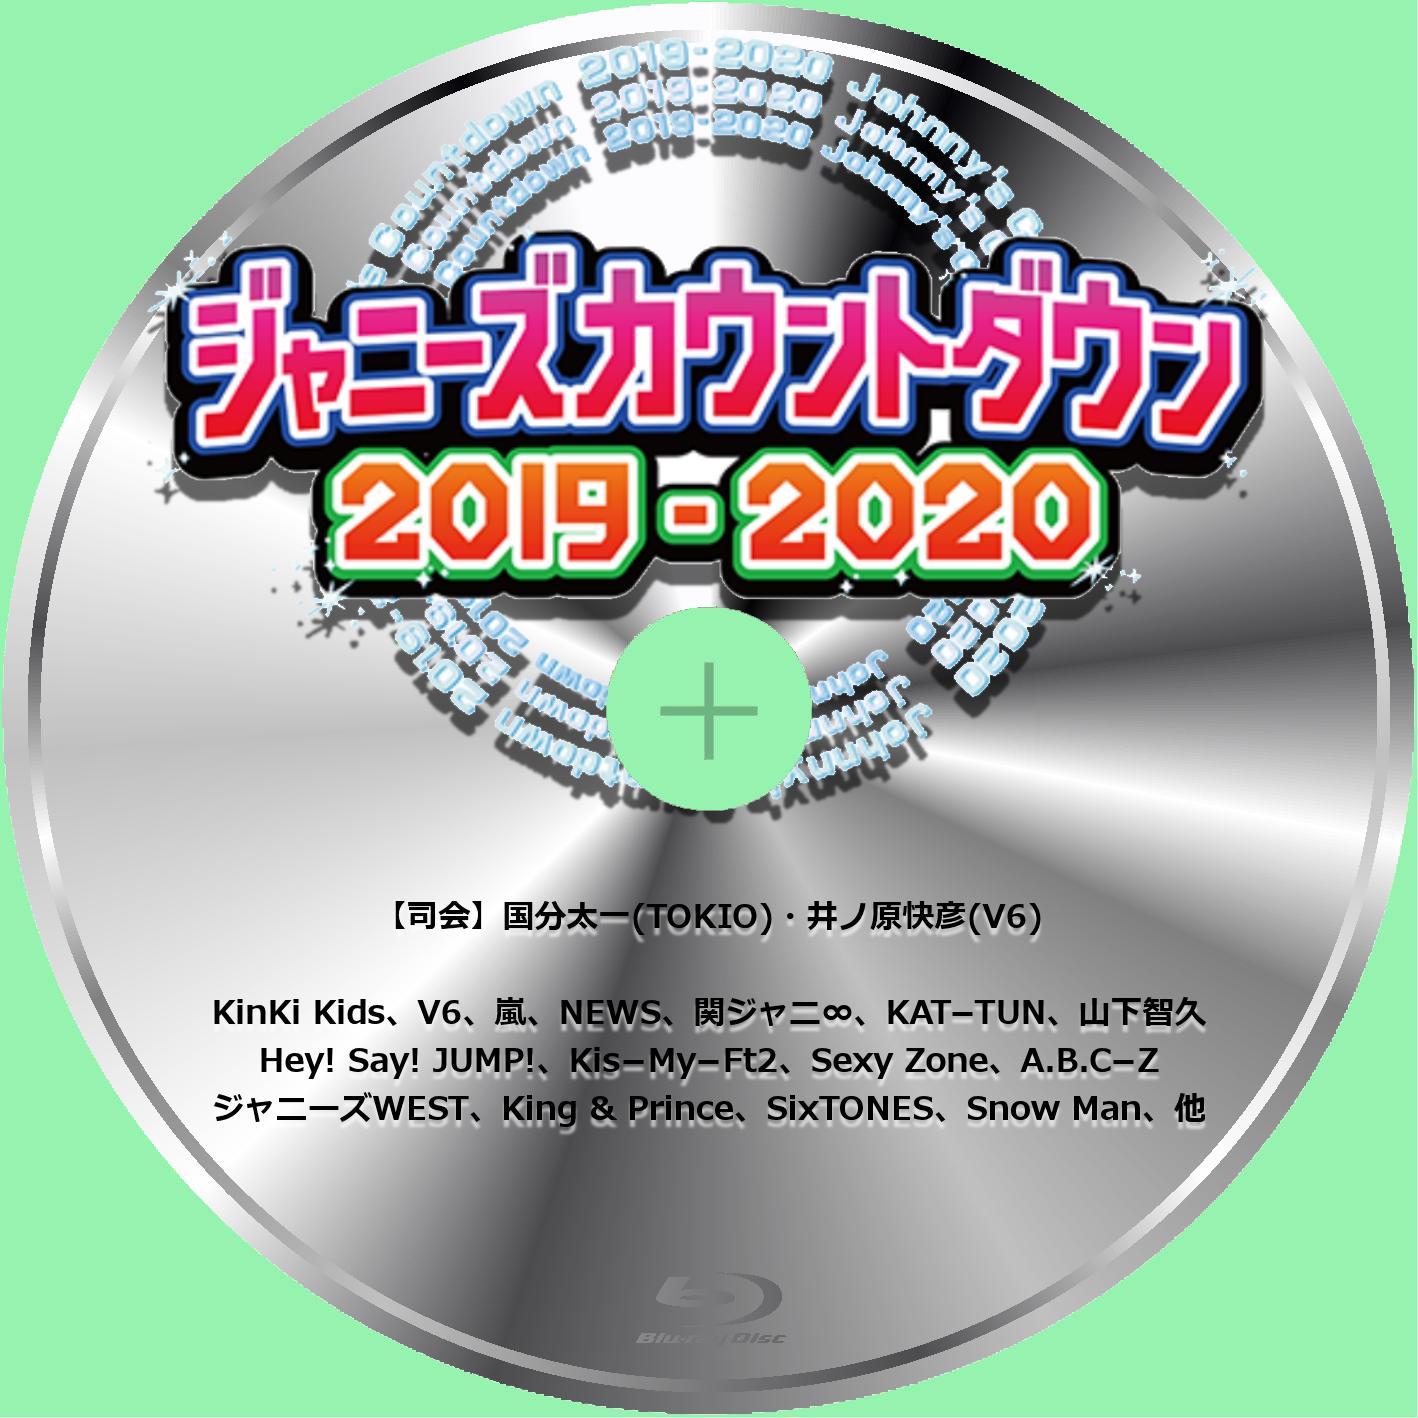 ジャニーズ カウントダウン 2019 2020 「ジャニーズカウントダウン2019-2020」出演アーティスト発表